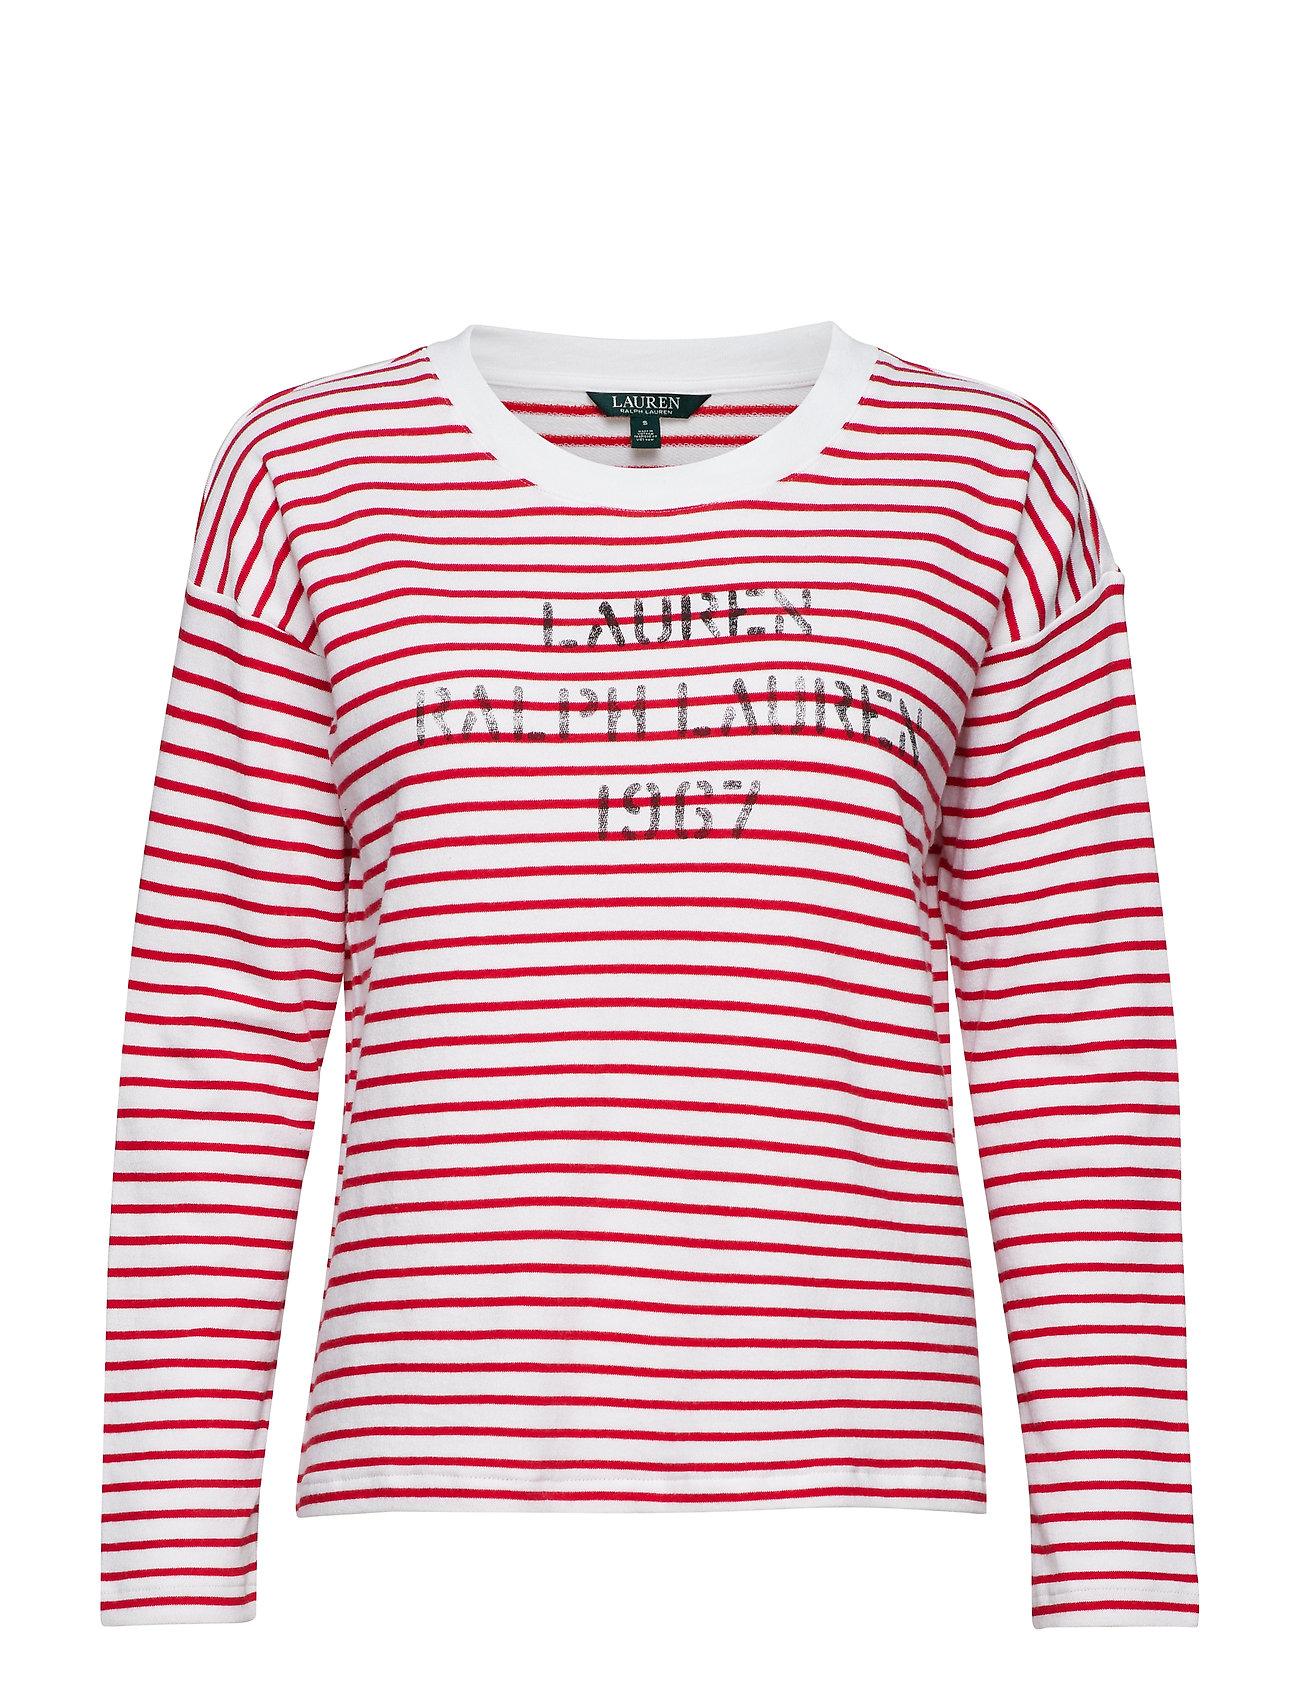 13c24e694f3 Kylene-long Sleeve-knit (Silk White lipsti) (79 €) - Lauren Ralph ...